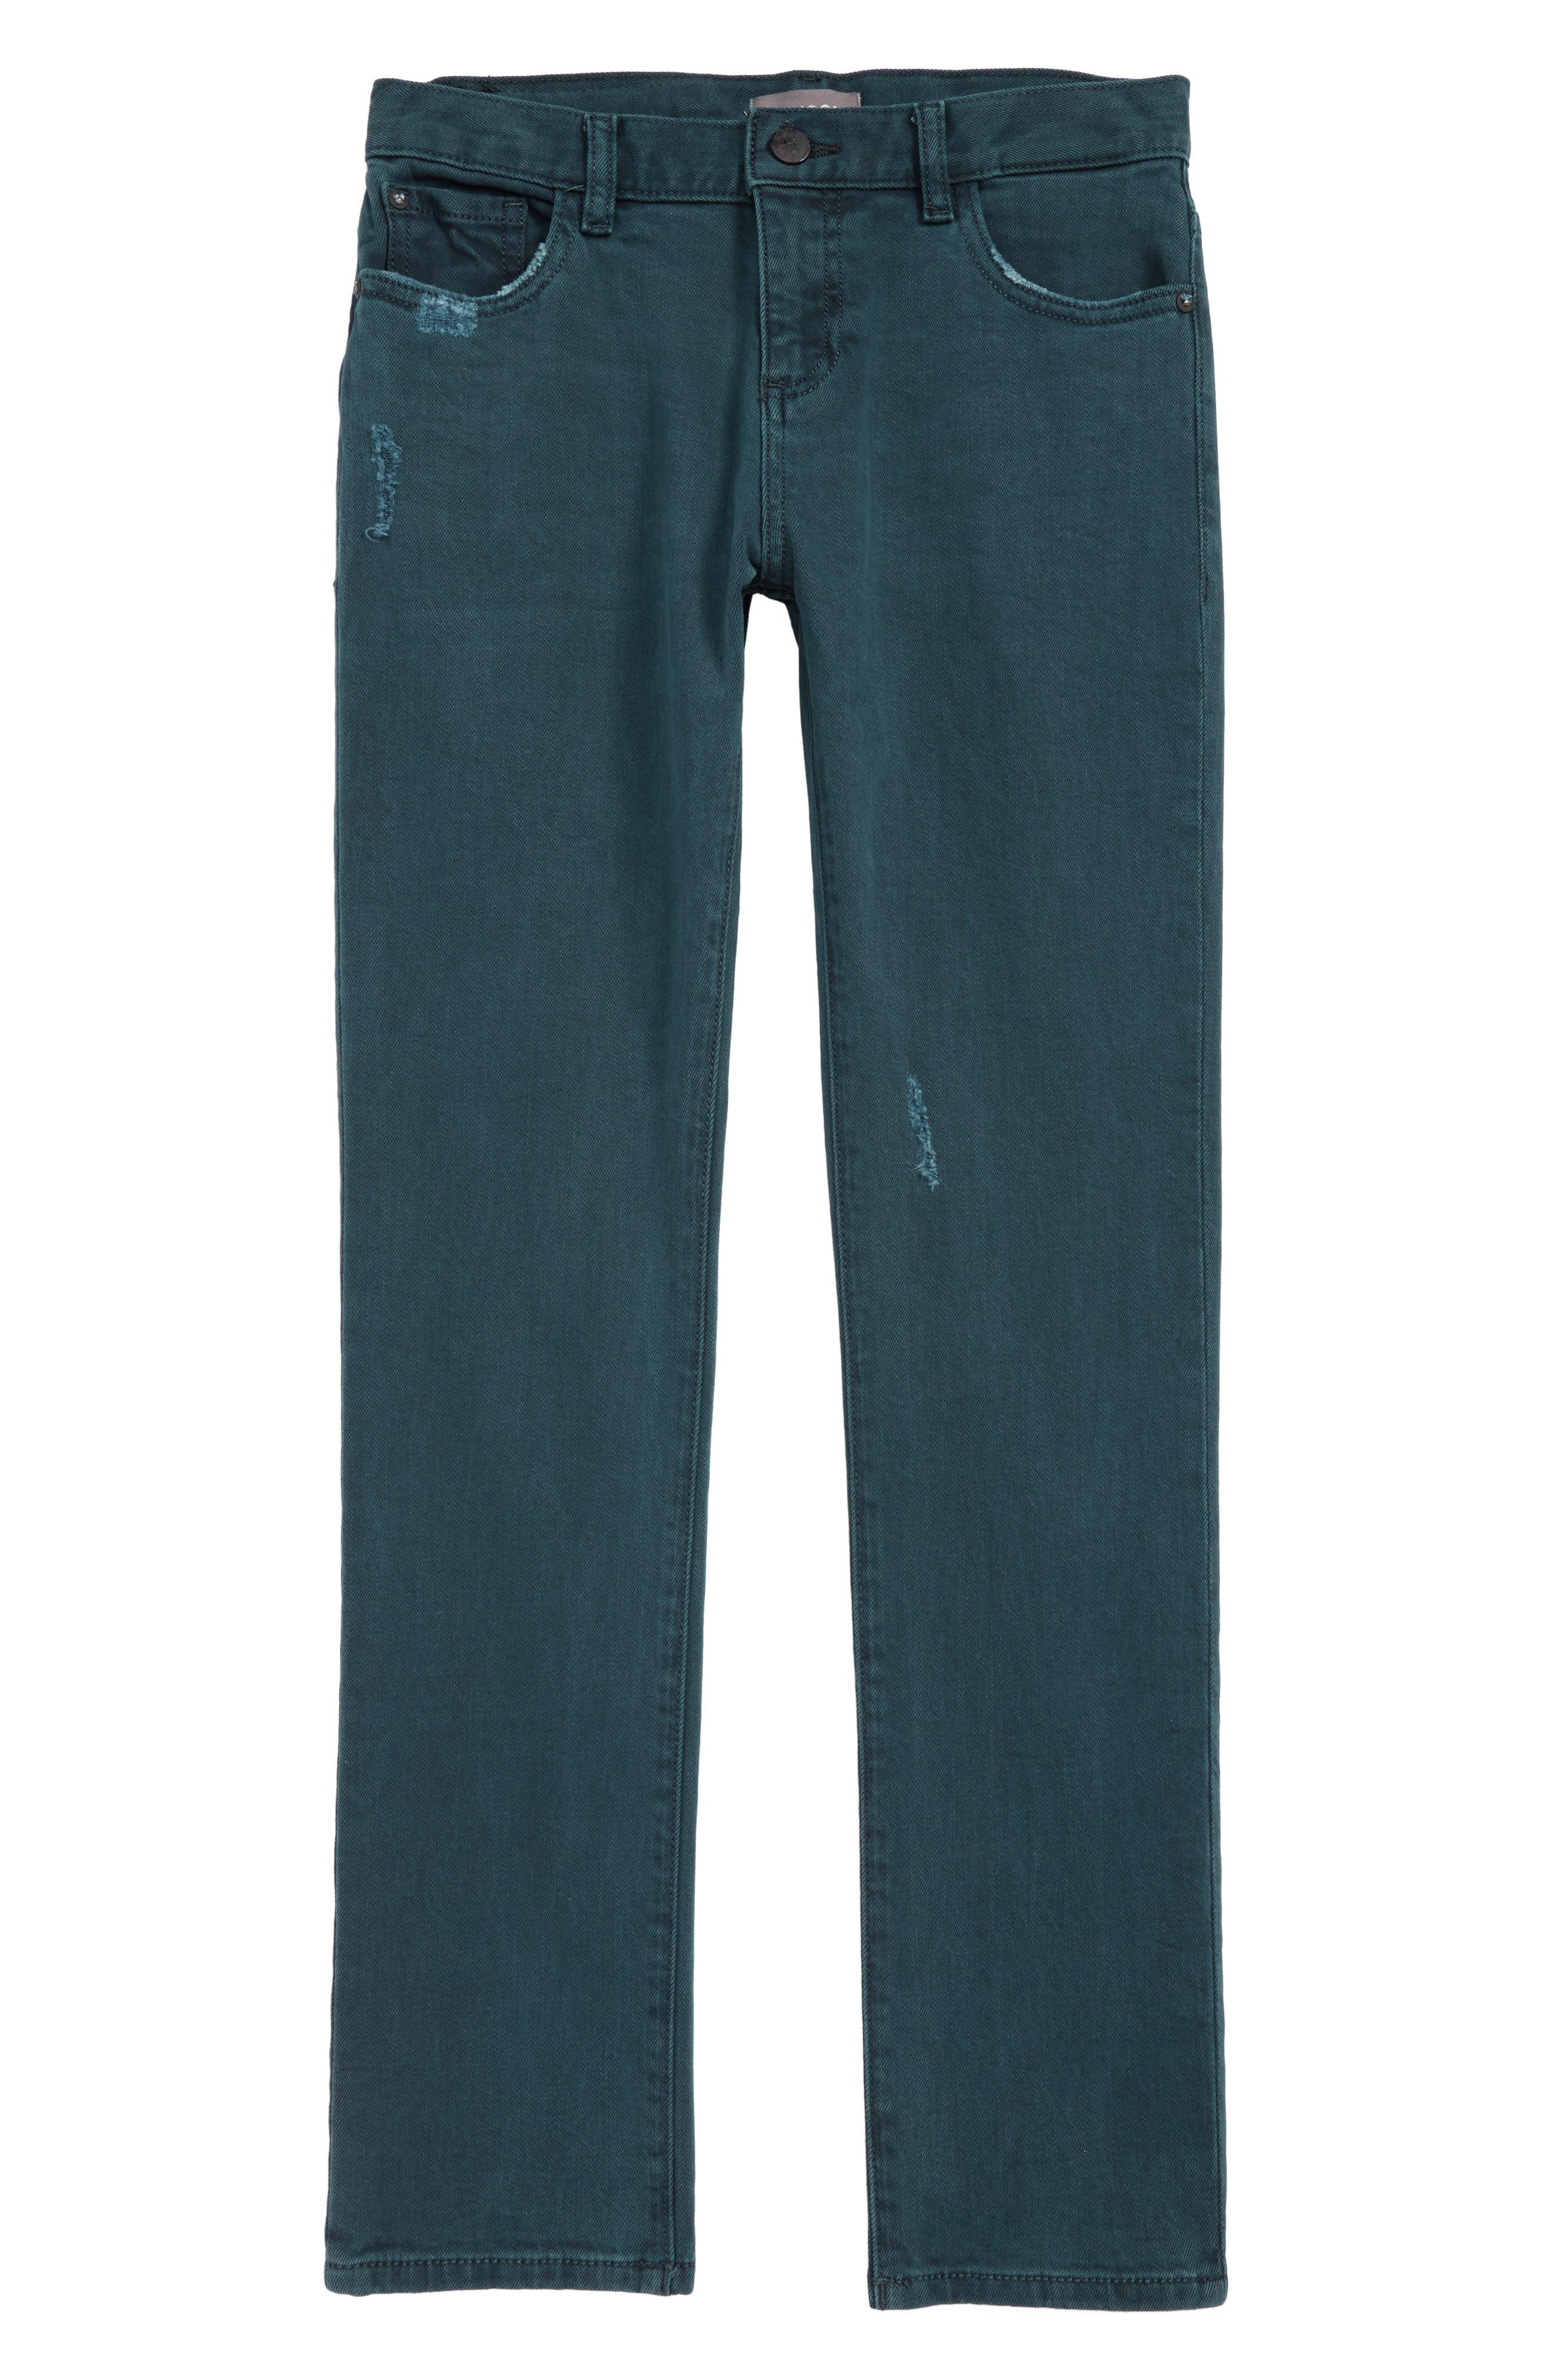 Hawke Skinny Jeans,                         Main,                         color, BRUH